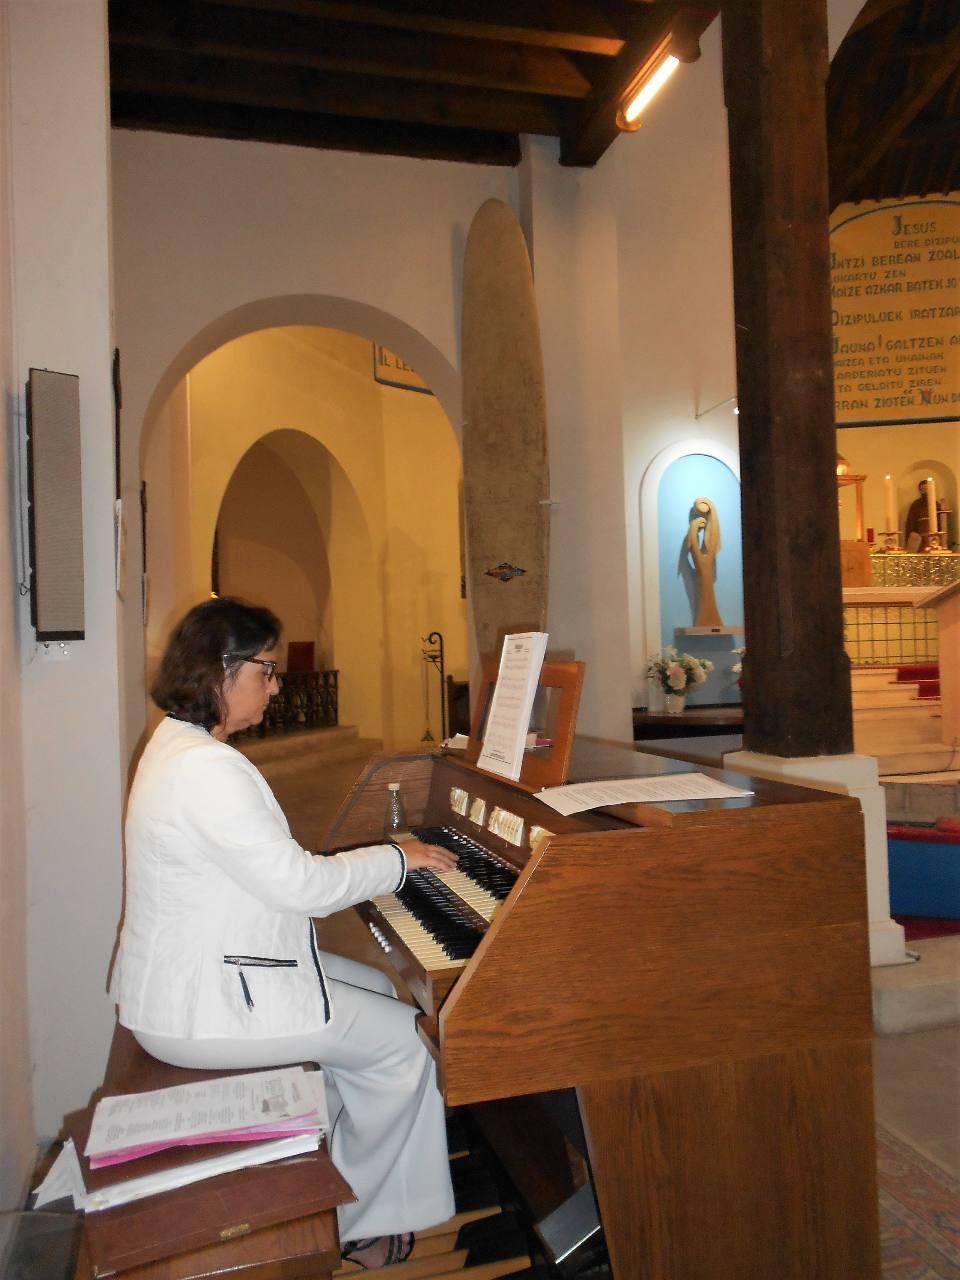 Susana attend le nouvel orgue ; patience ! ... Dans le fond, l'ex-voto longboard